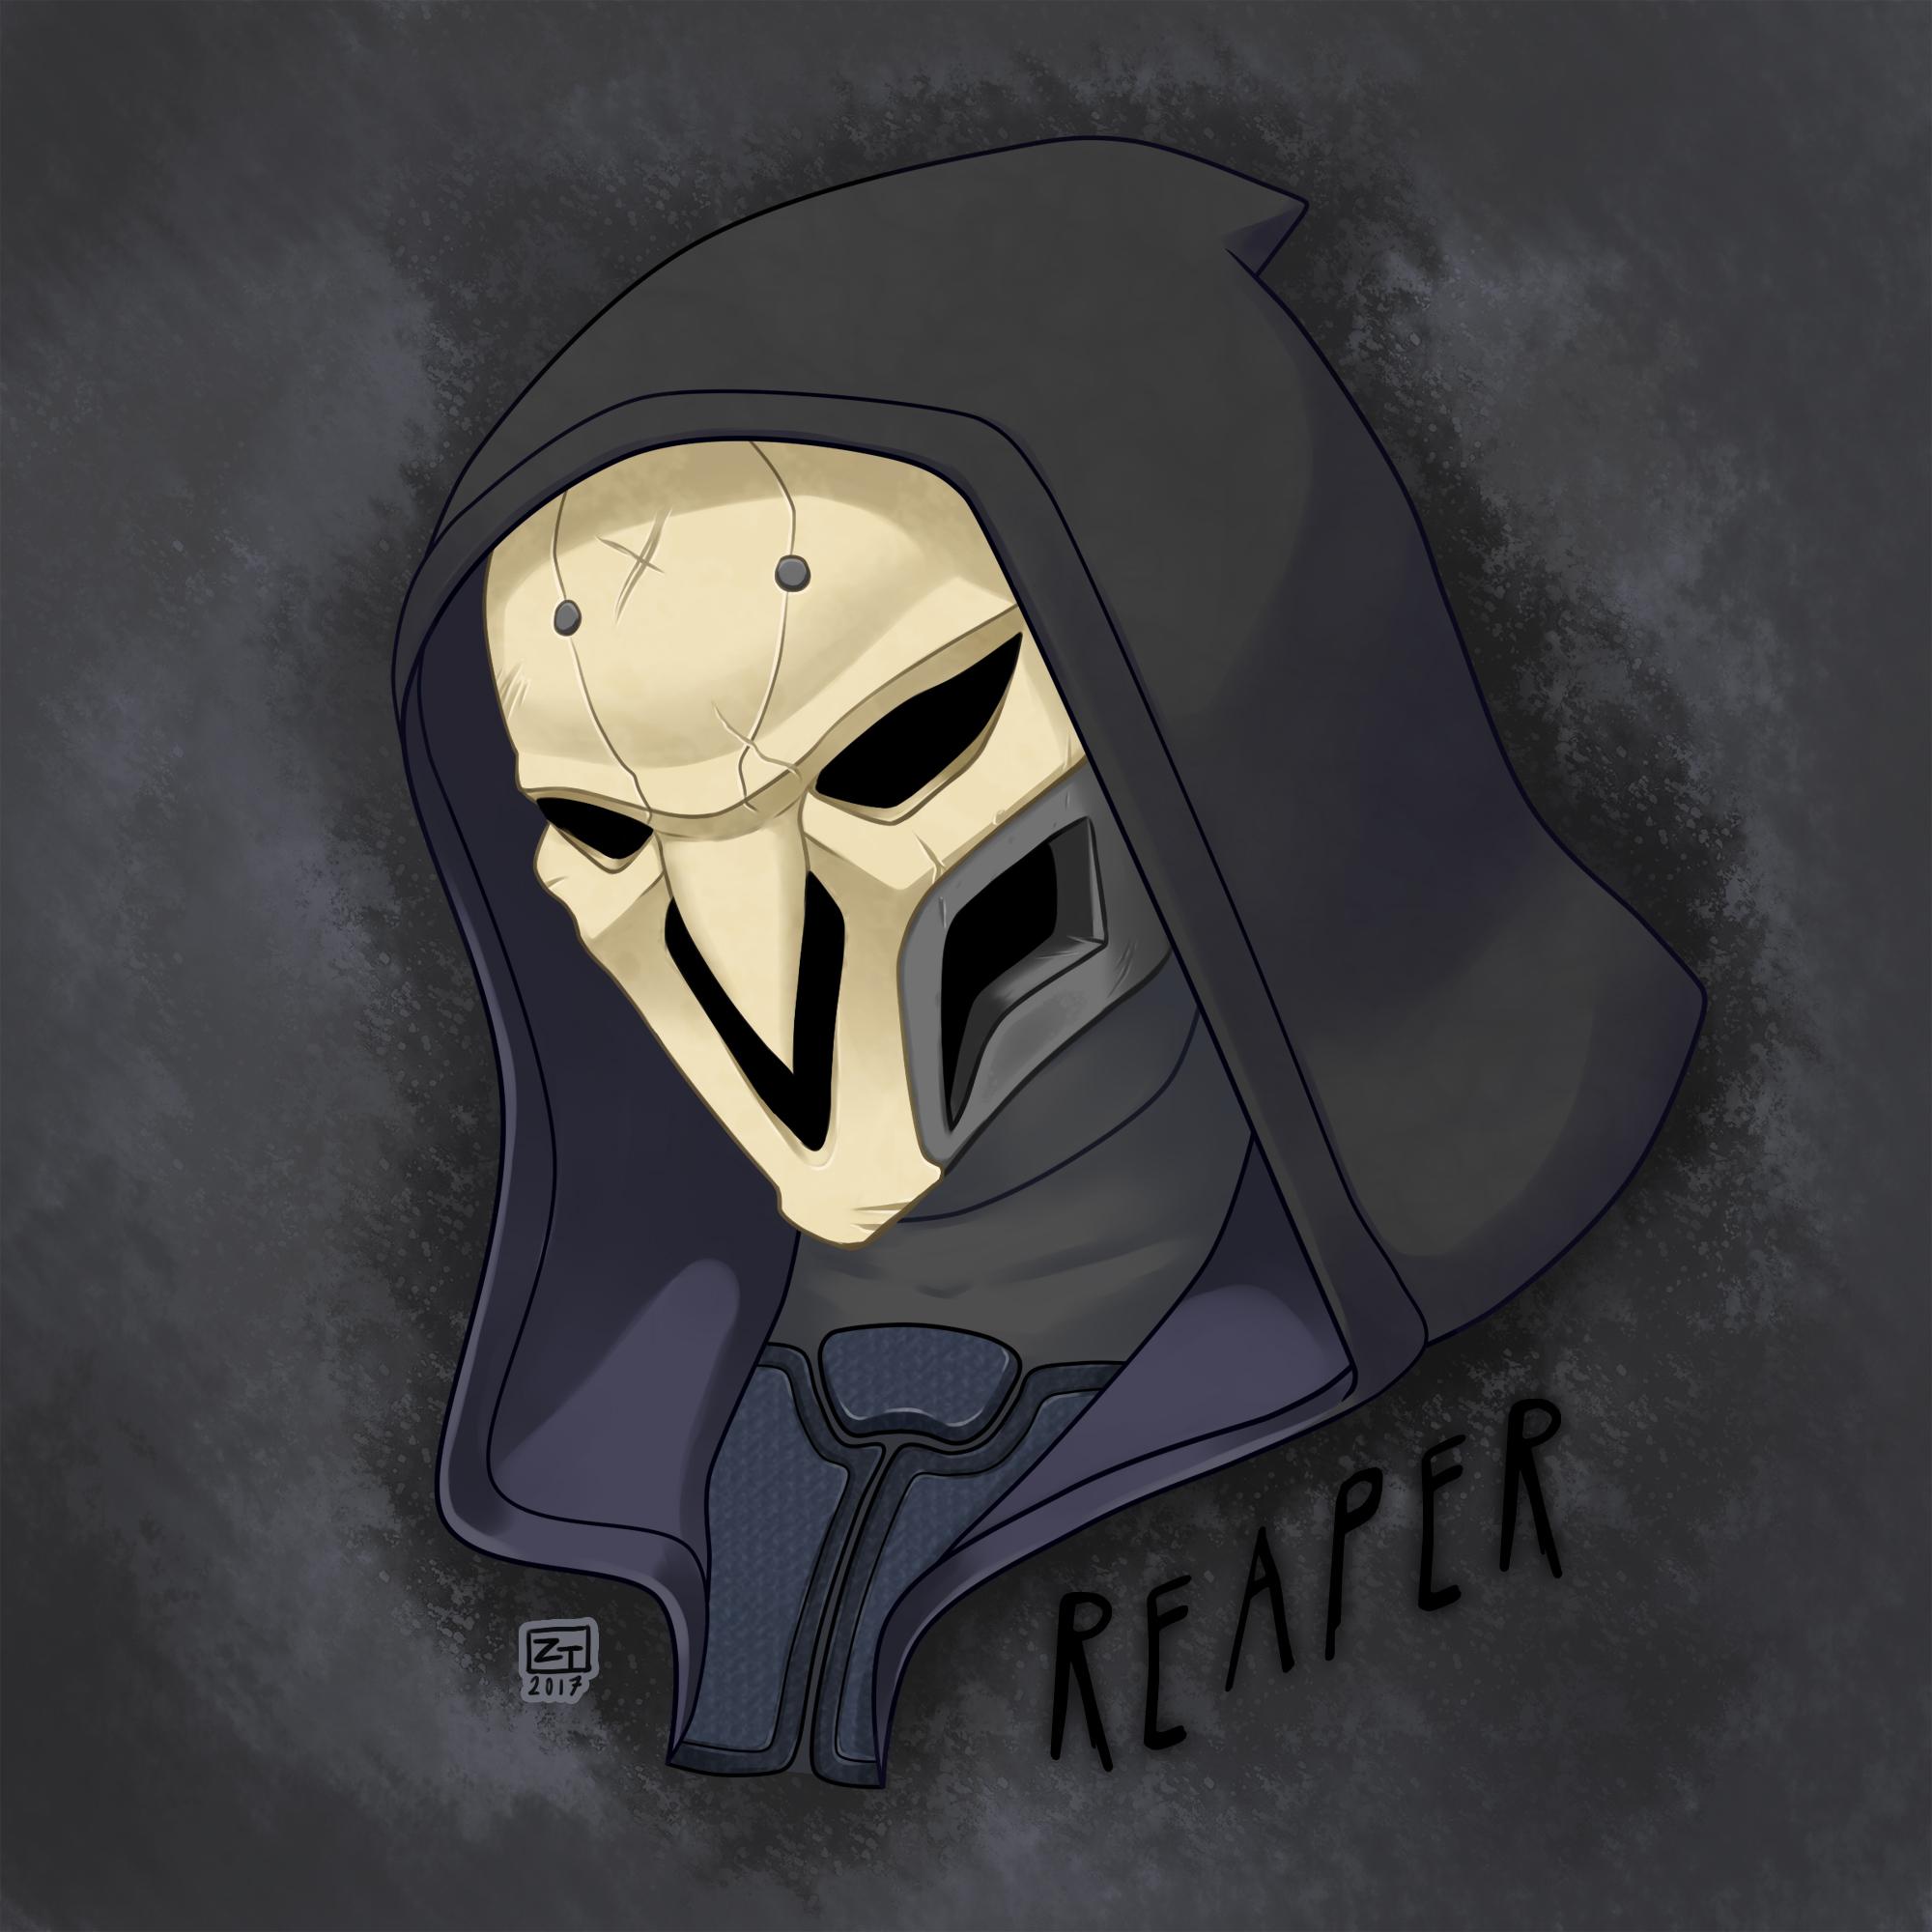 Reaper_square print.jpg